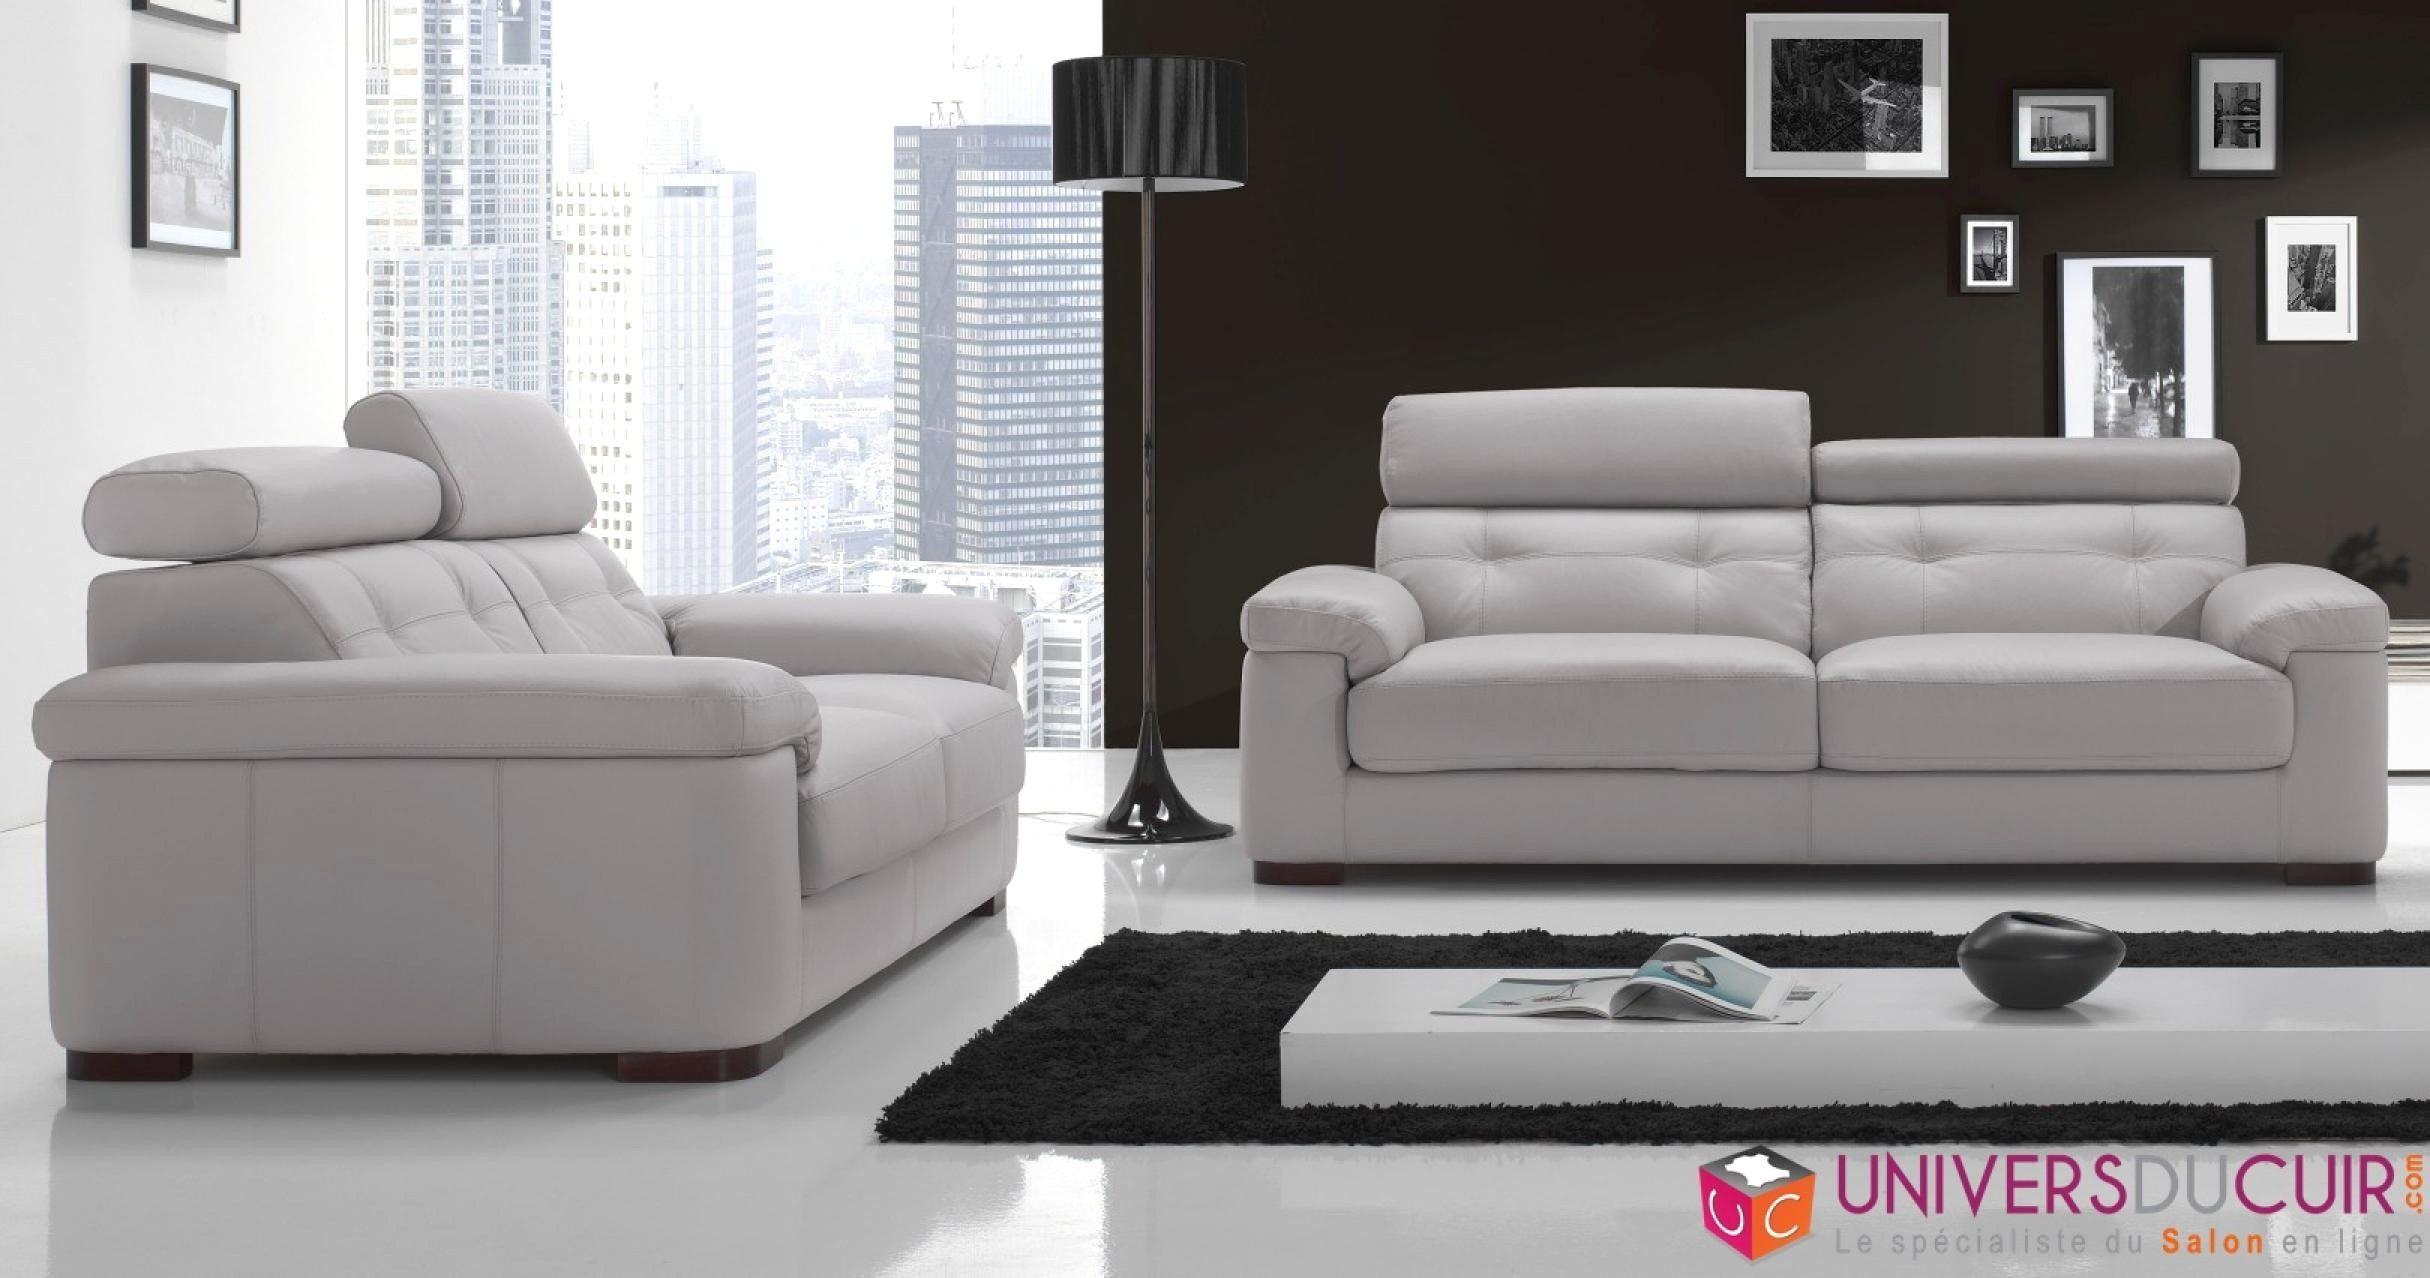 Lit Superposé 1 Place Frais élégant Canapé Lit 1 Place Conforama Ou 45 Idées Canapé Convertible